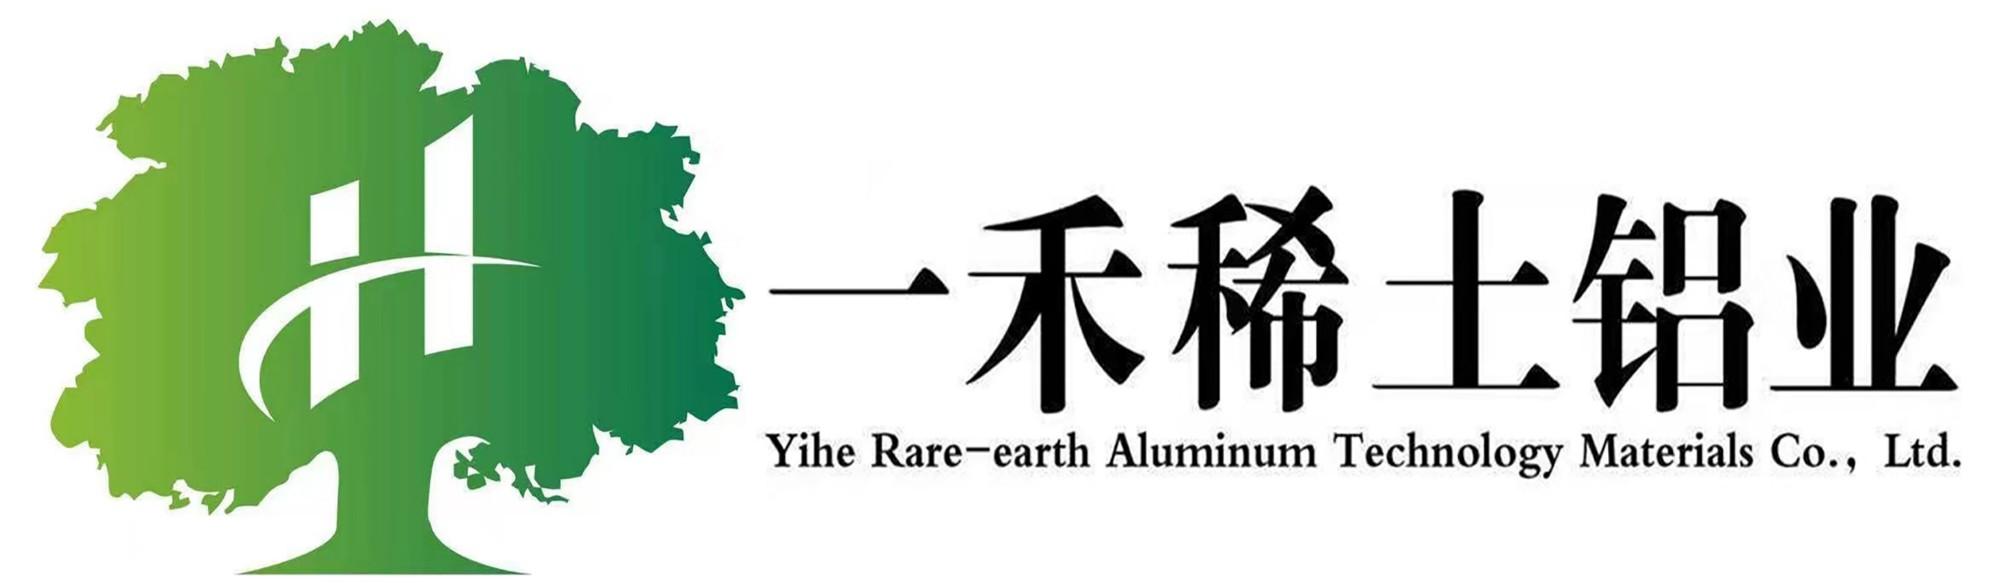 包头市一禾稀土铝业科技材料有限公司